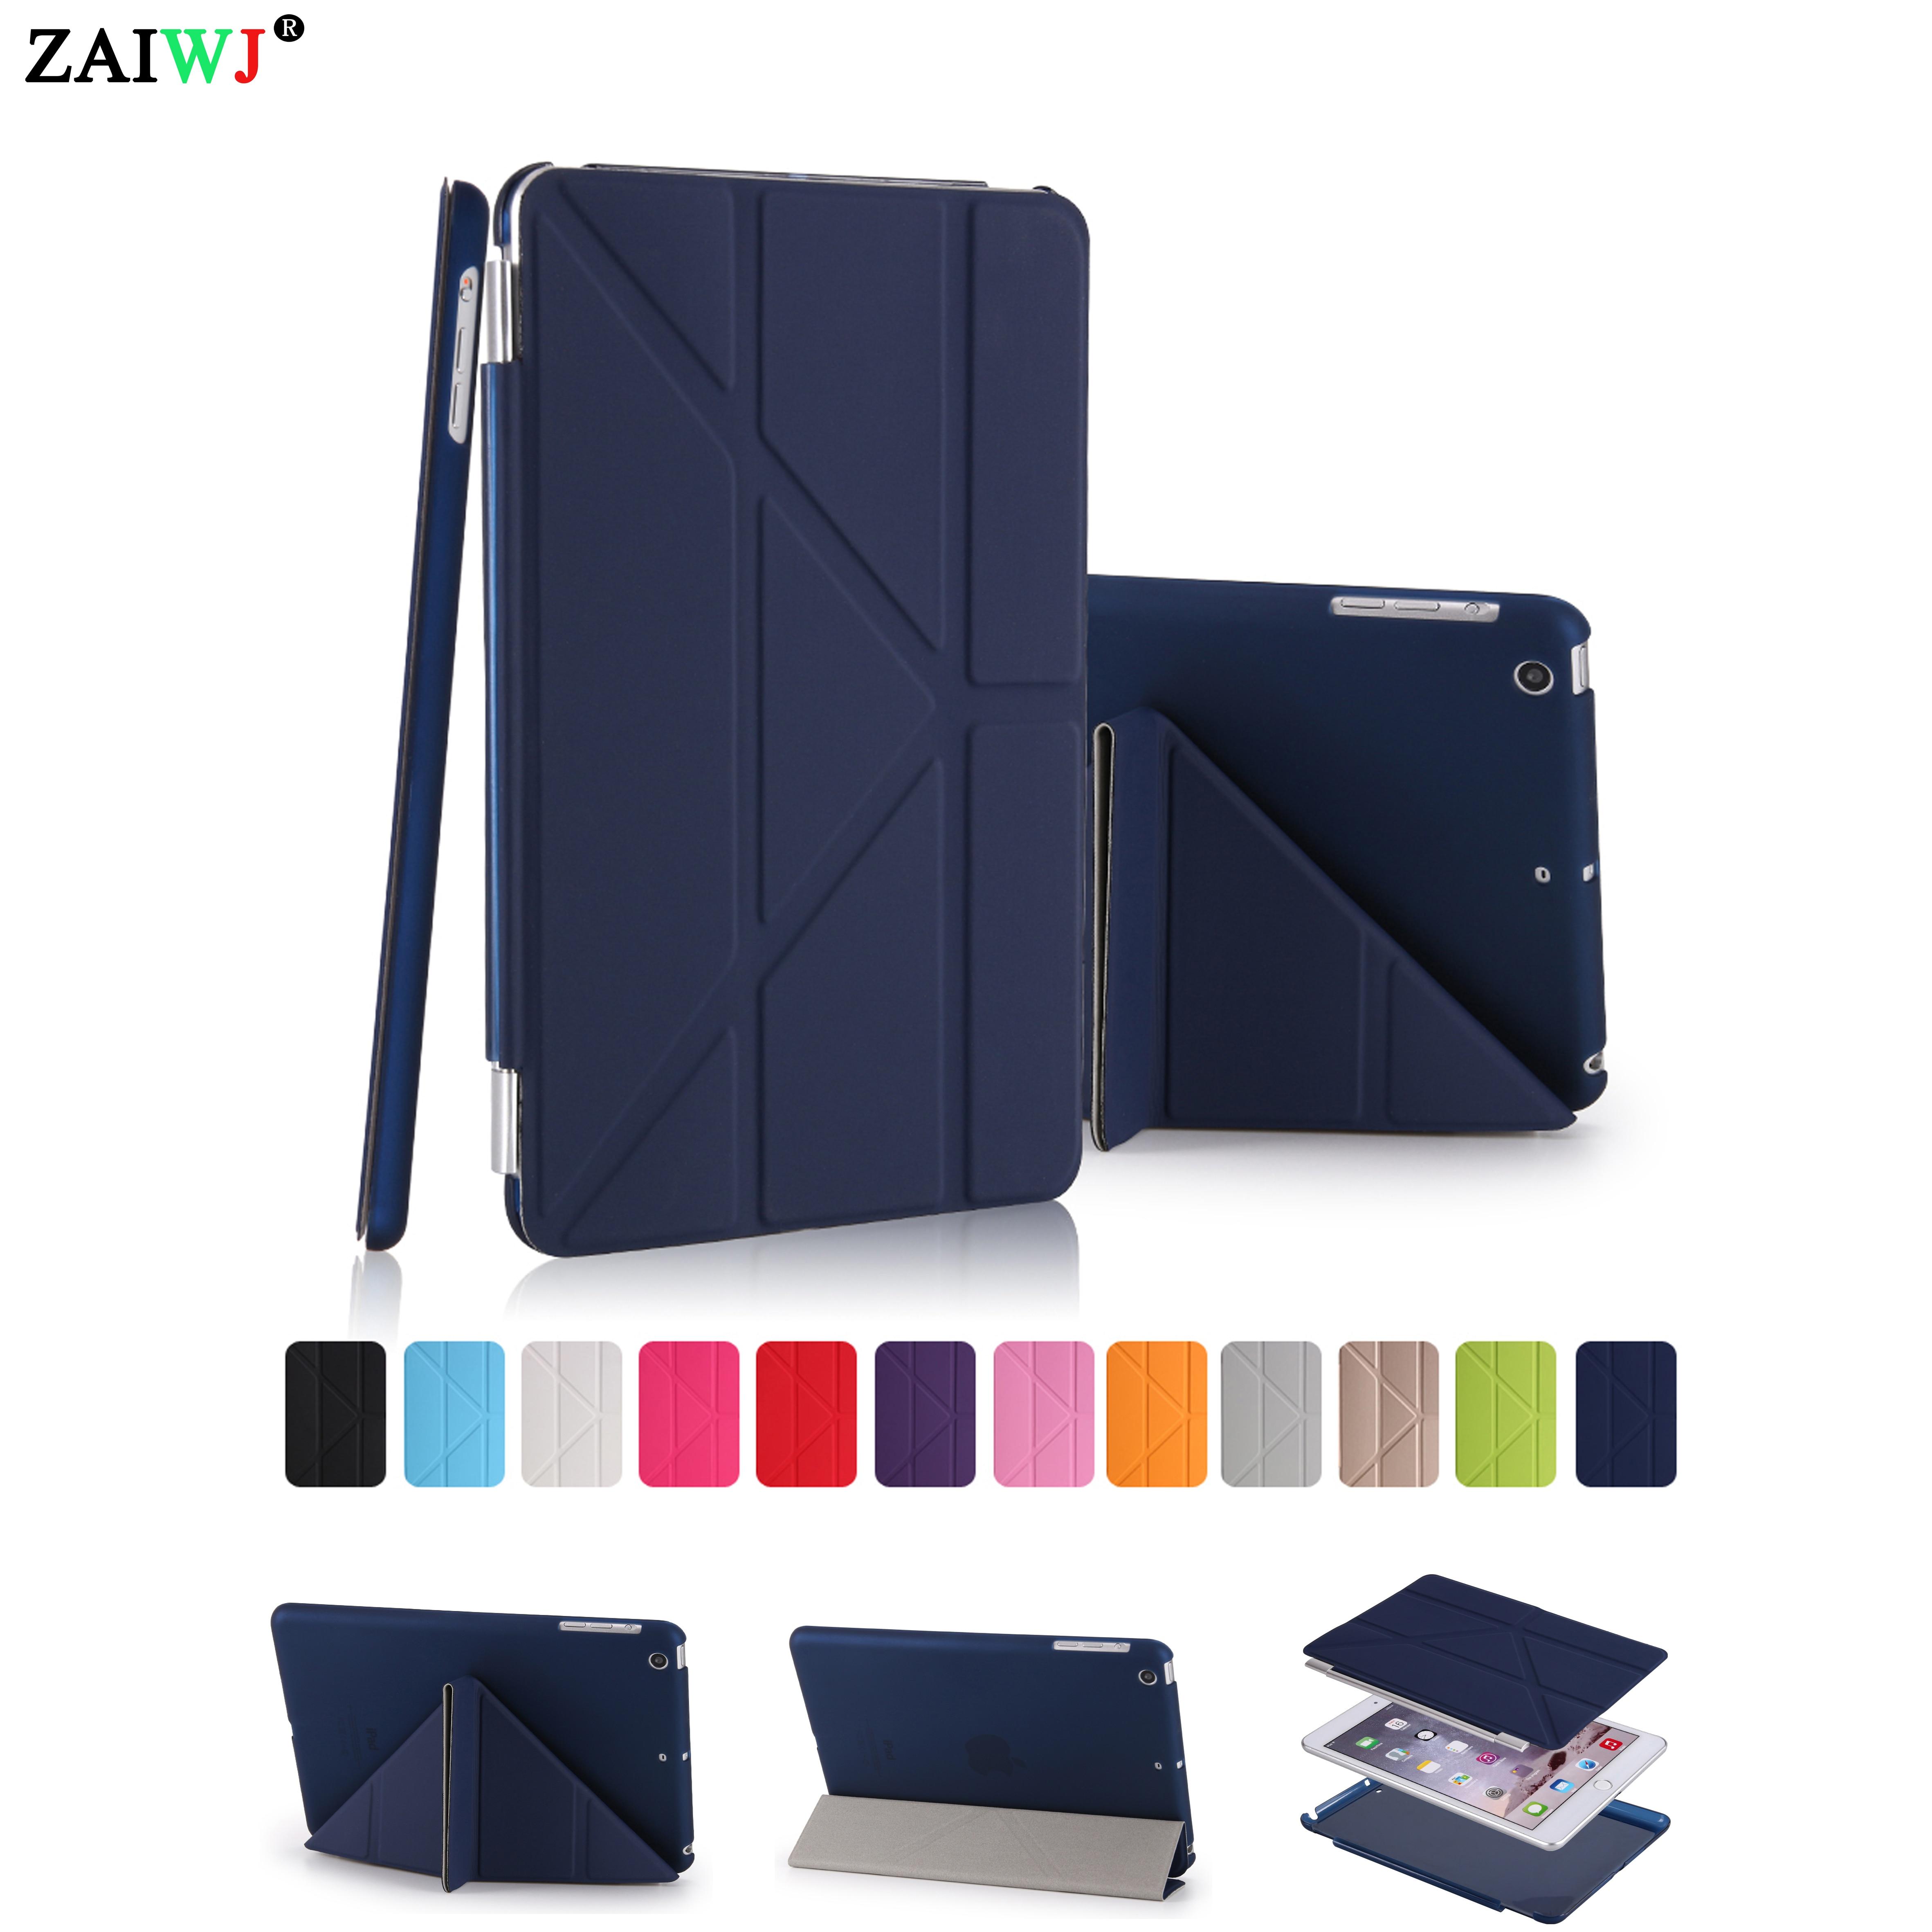 Case Voor Ipad Mini 1 2 3, Zaiwj-pu Lederen Smart Cover Slaap Wakker Magneet Ontwaken Slapen Shell, Voor Ipad Mini 3 2 1 Case